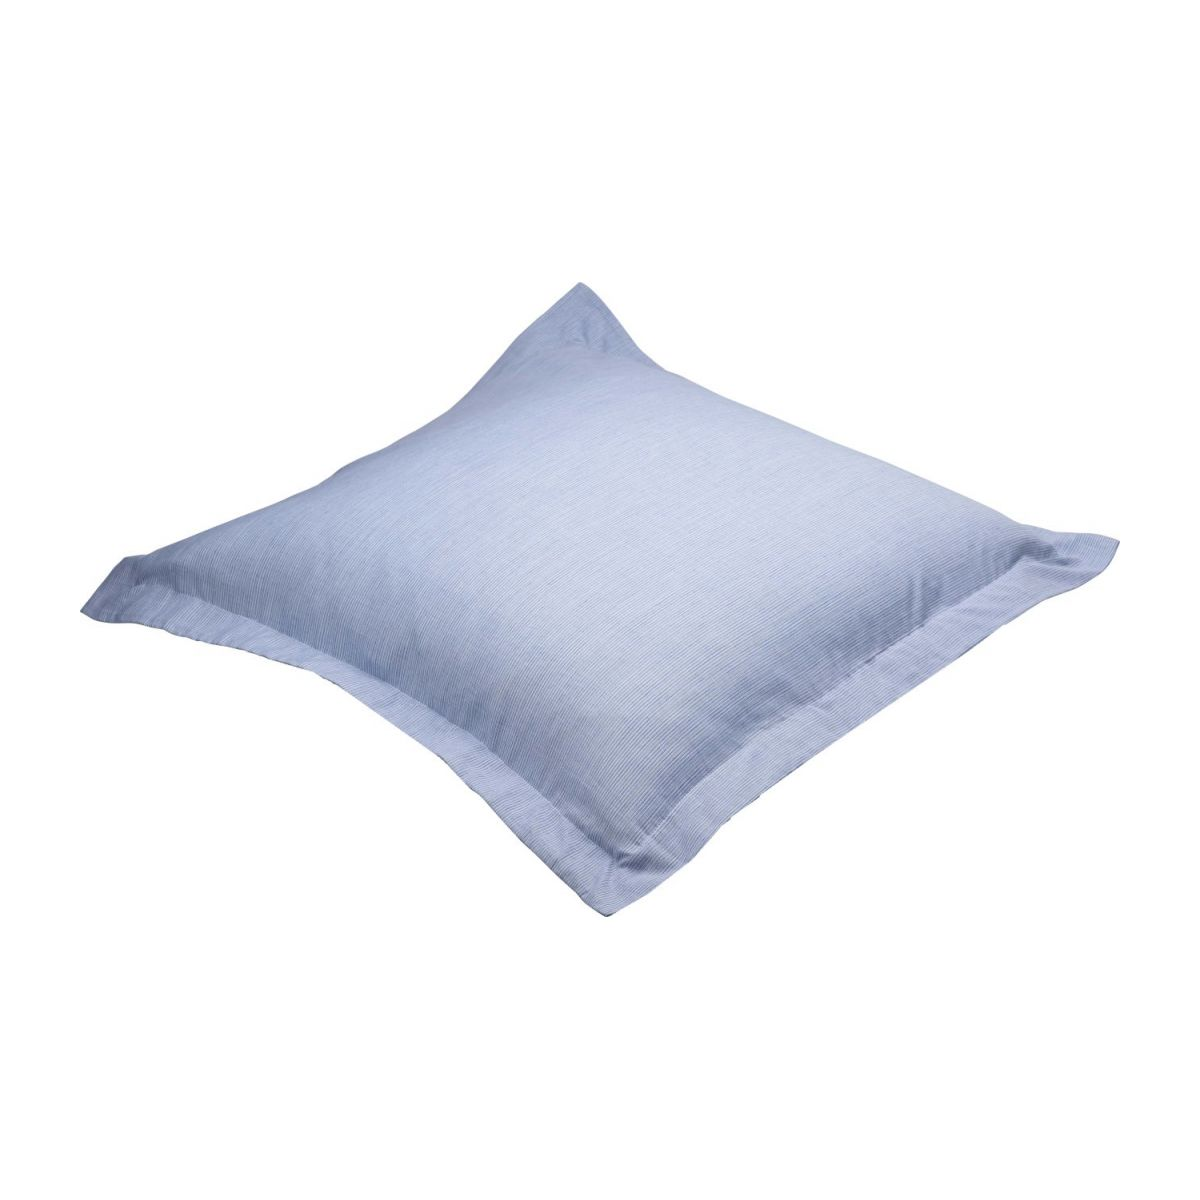 Oreiller à mémoire de forme : Un oreiller de qualité ?